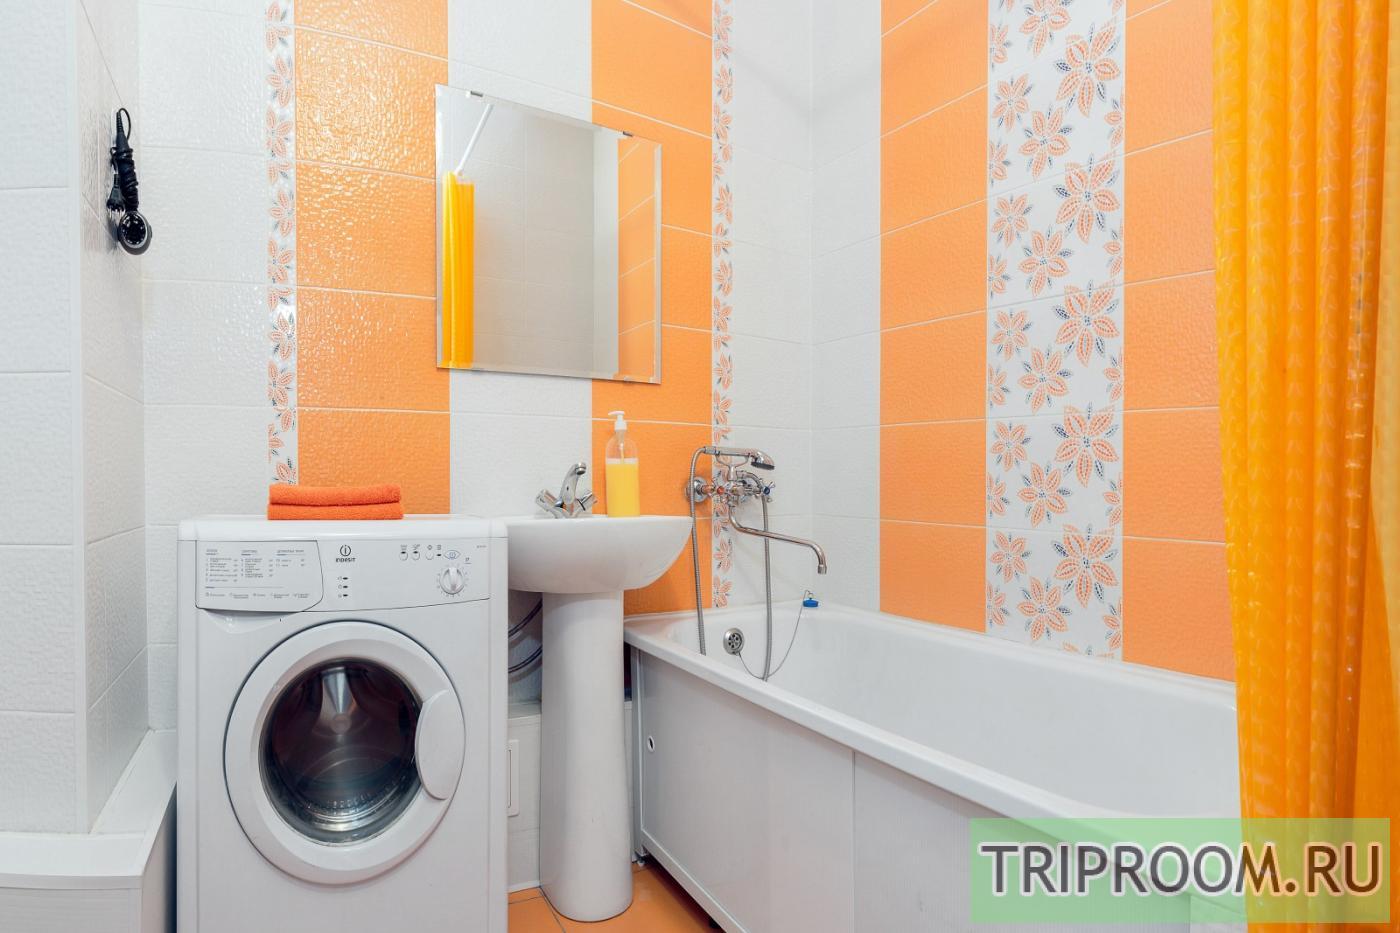 1-комнатная квартира посуточно (вариант № 16235), ул. Анатолия Мехренцева улица, фото № 12